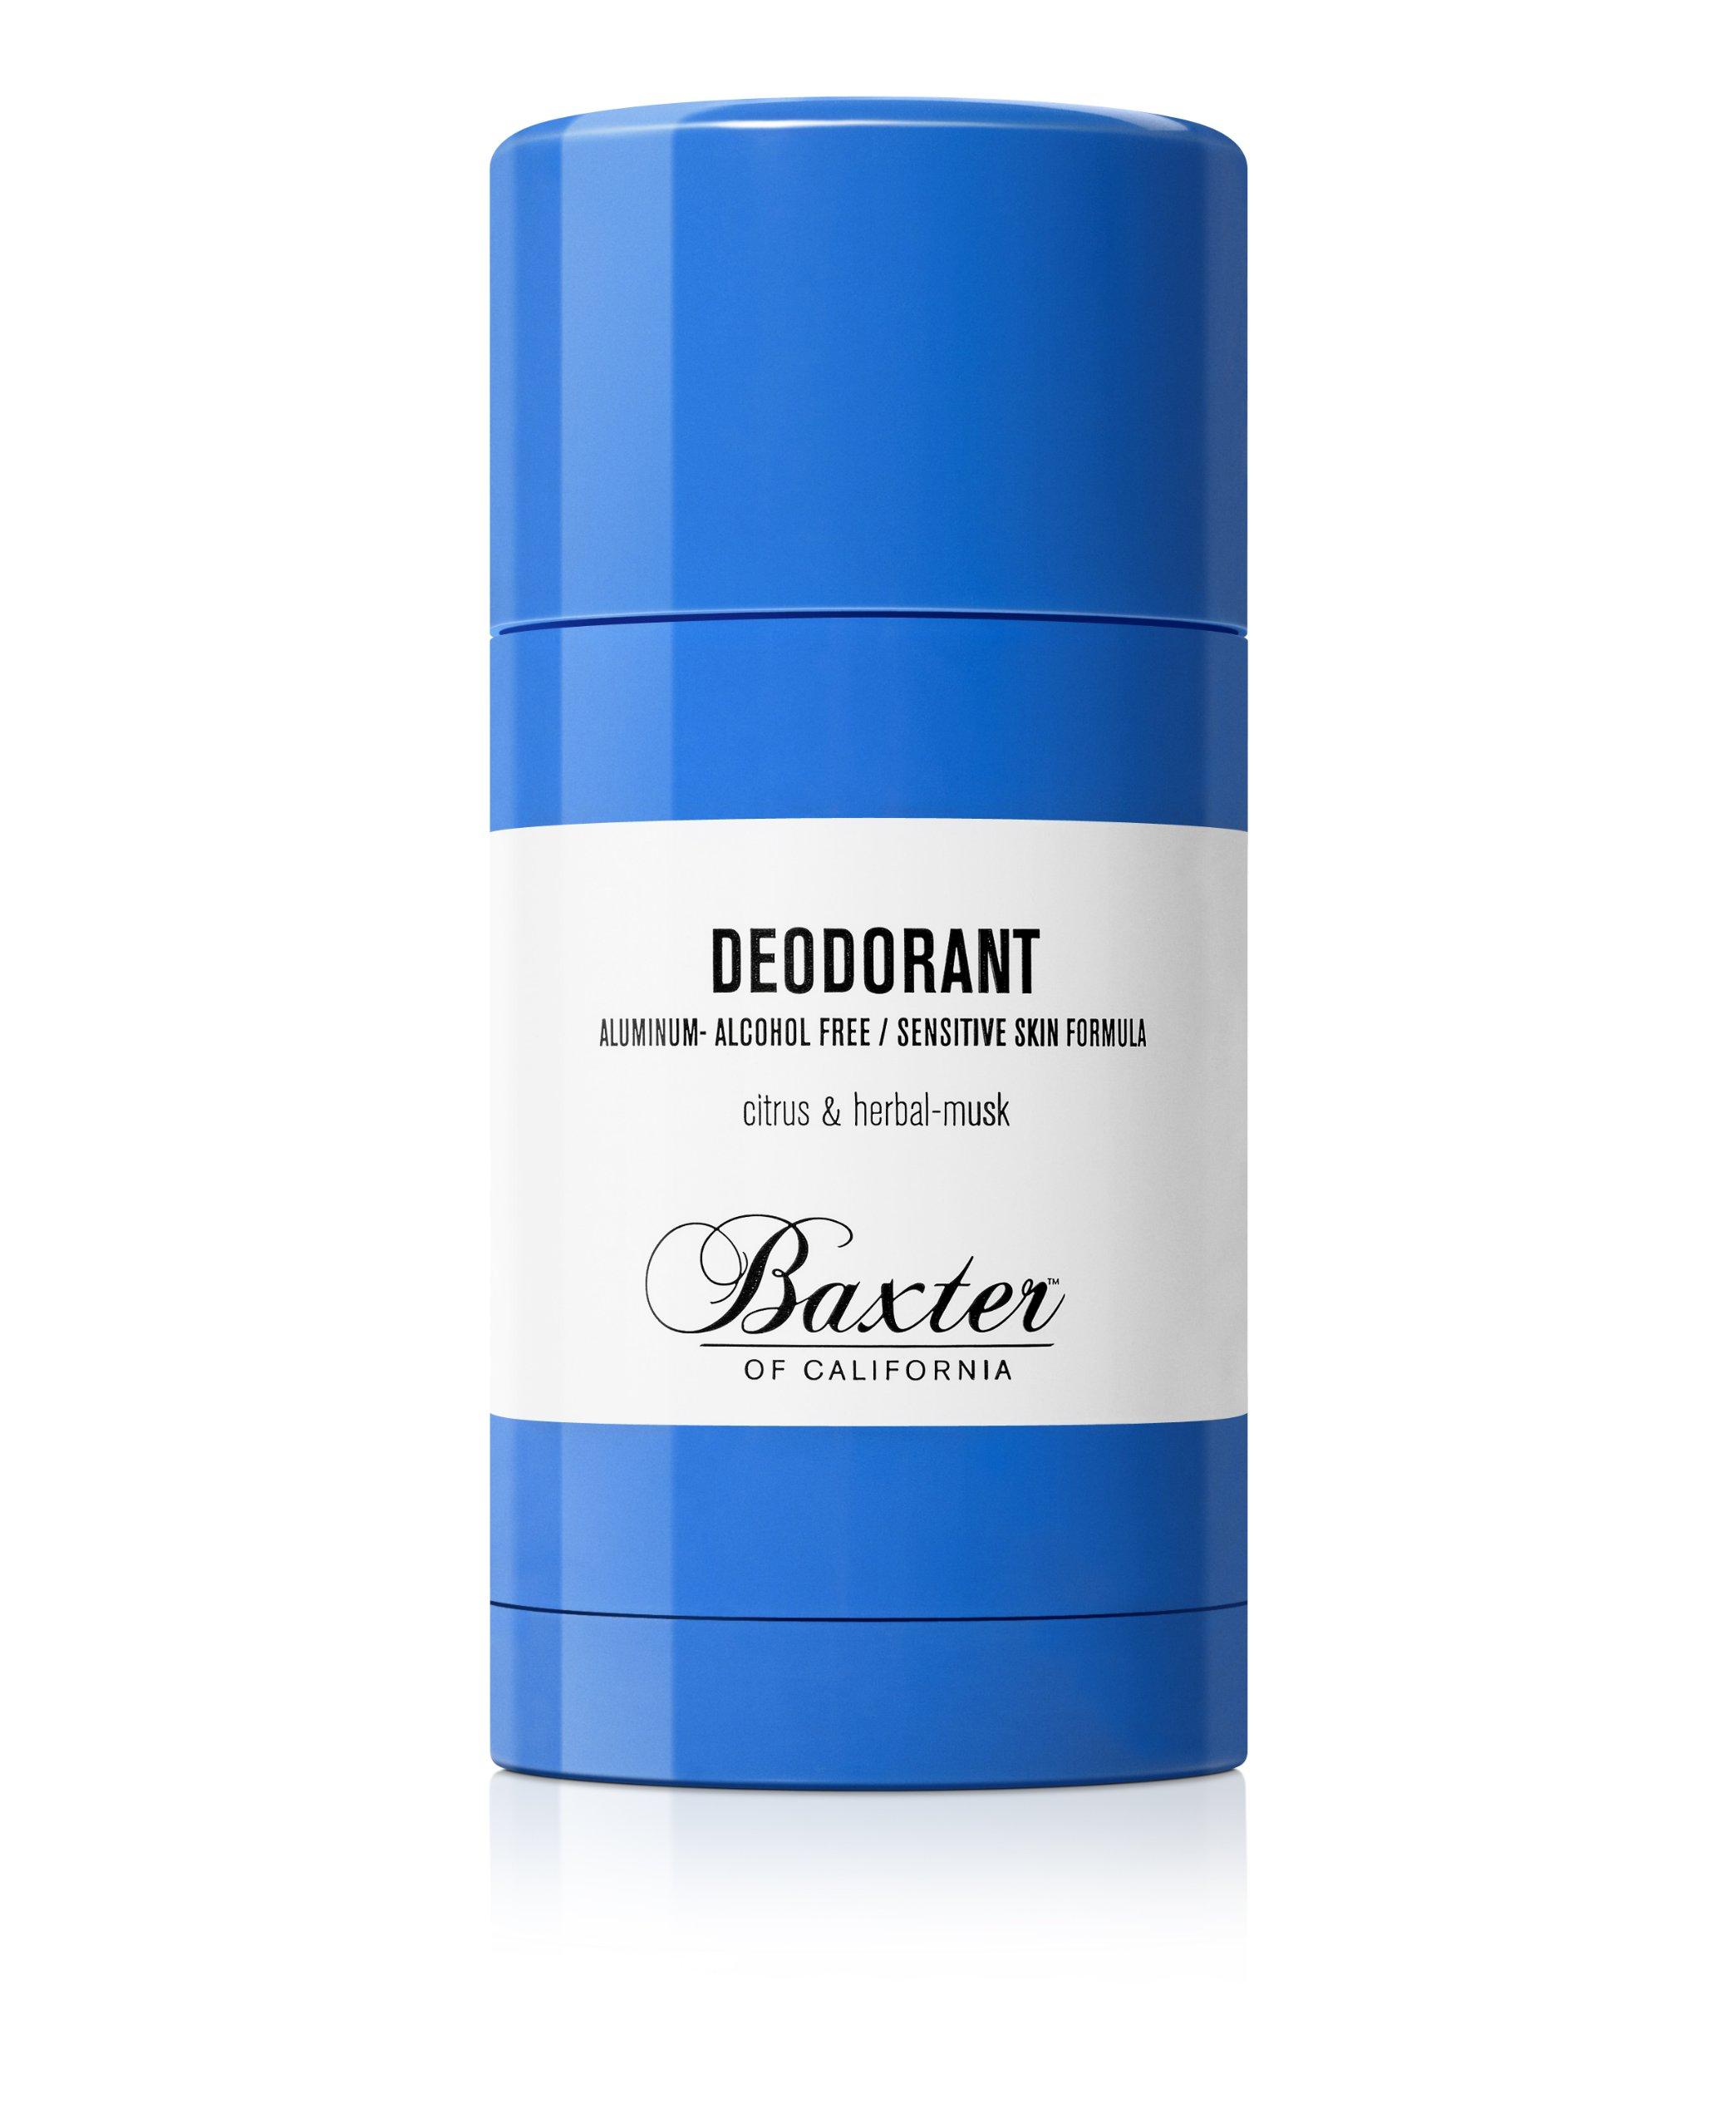 Baxter of California Citrus and Herbal-Musk Deodorant, 2.65 oz